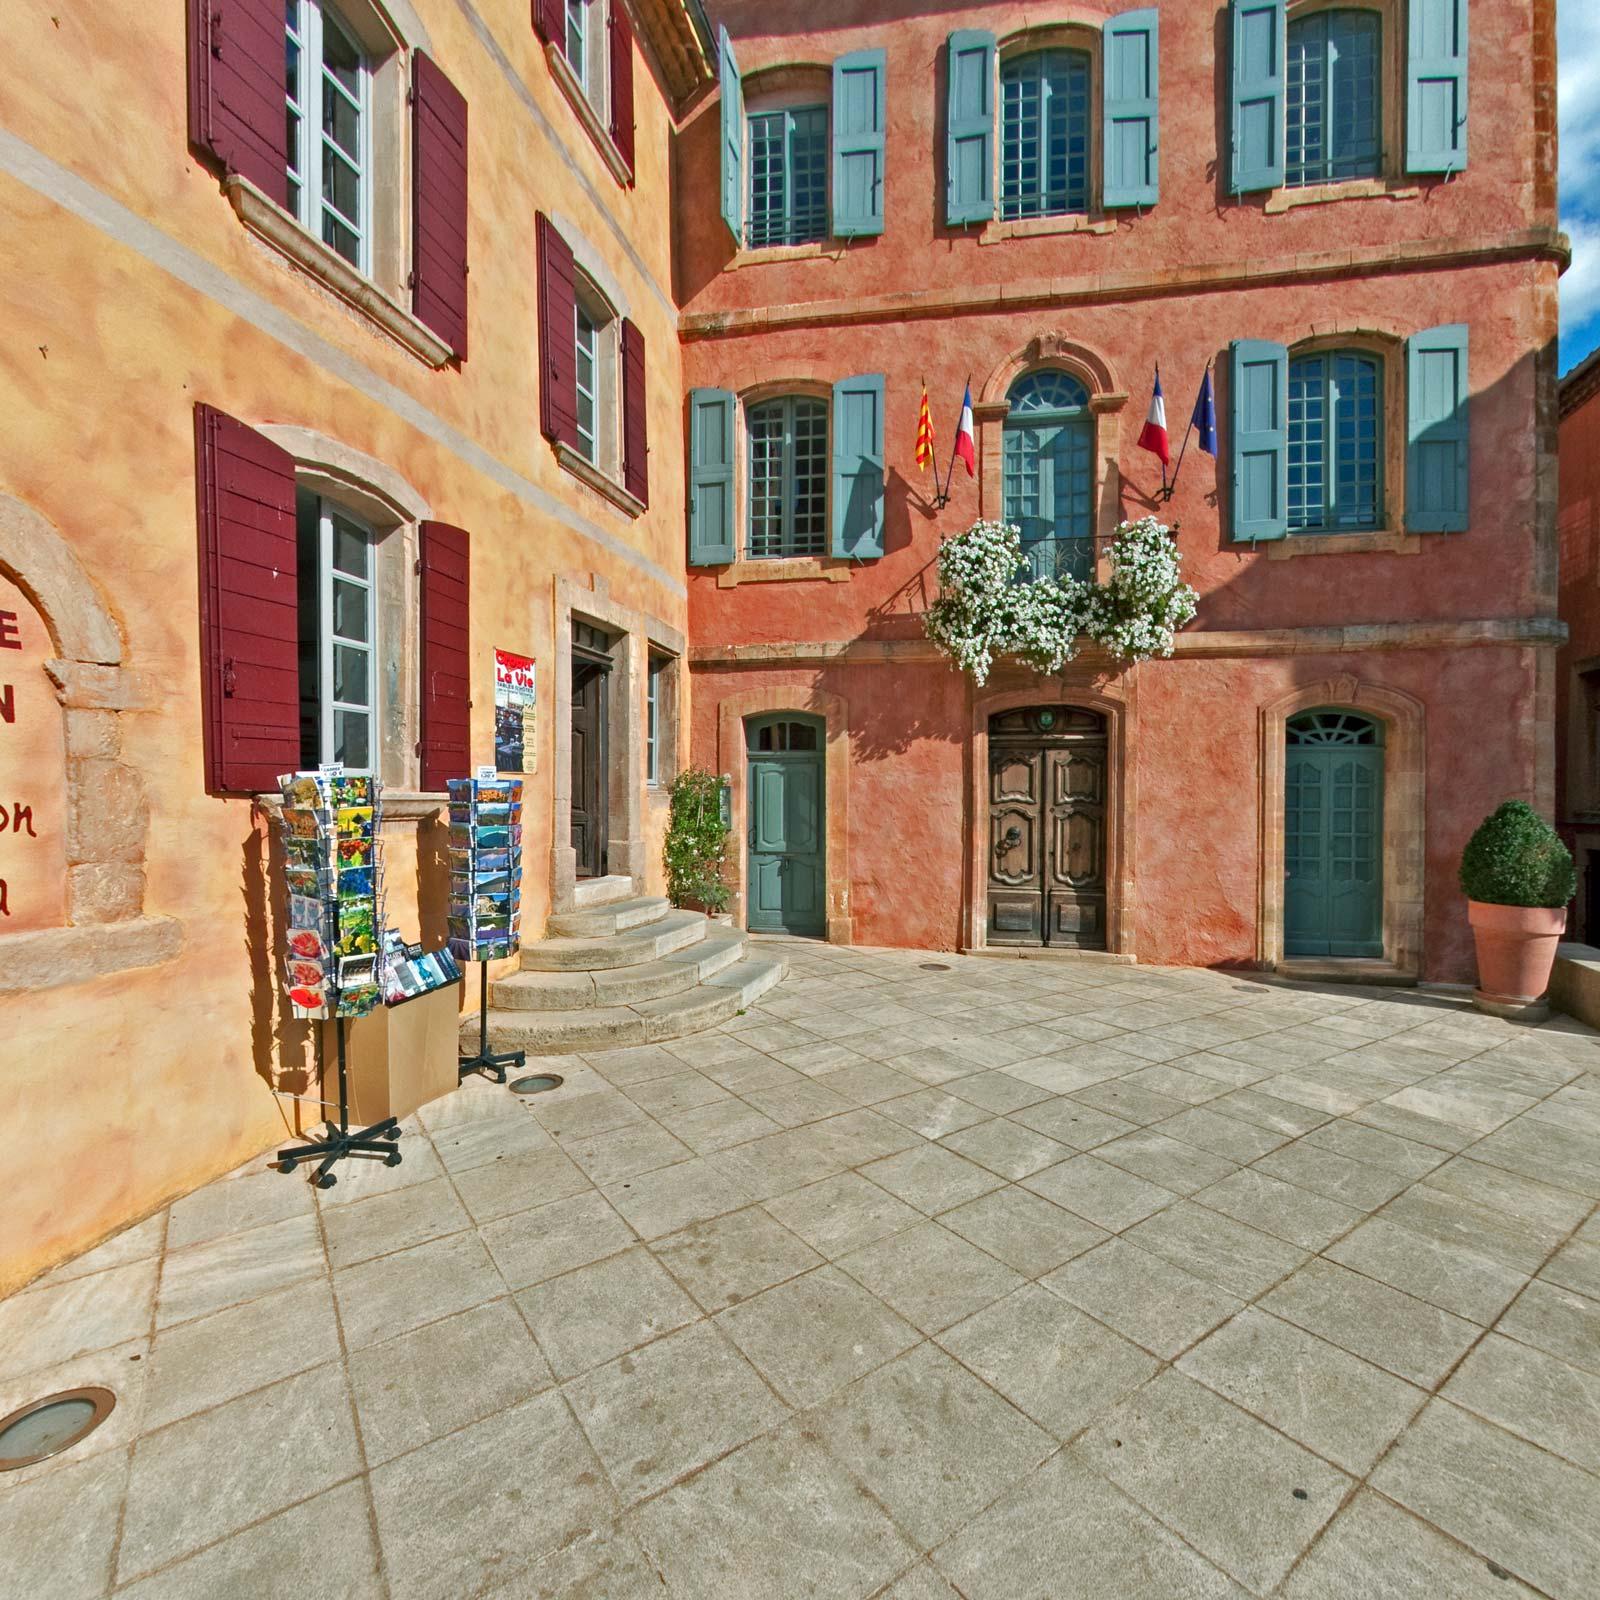 Couleur facade maison provencale quelle couleur pour les - La maison de la place saignon ...